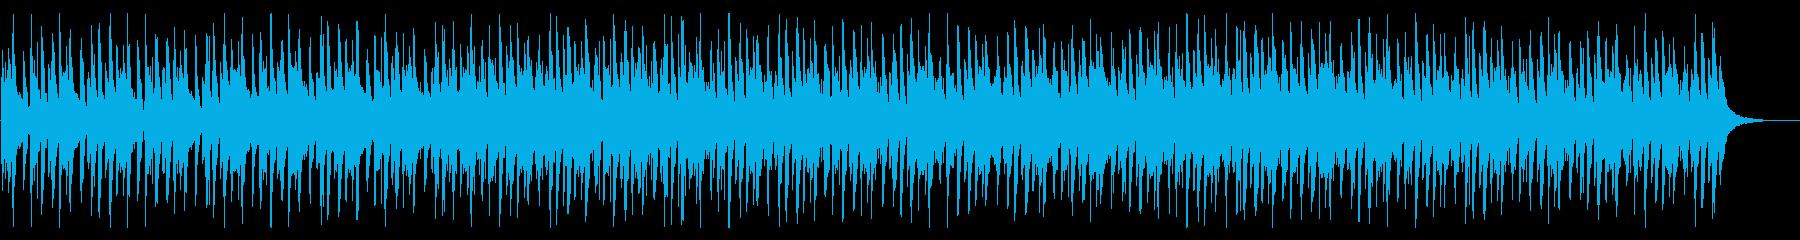 【キック抜】春の穏やかでやわらかなBGMの再生済みの波形